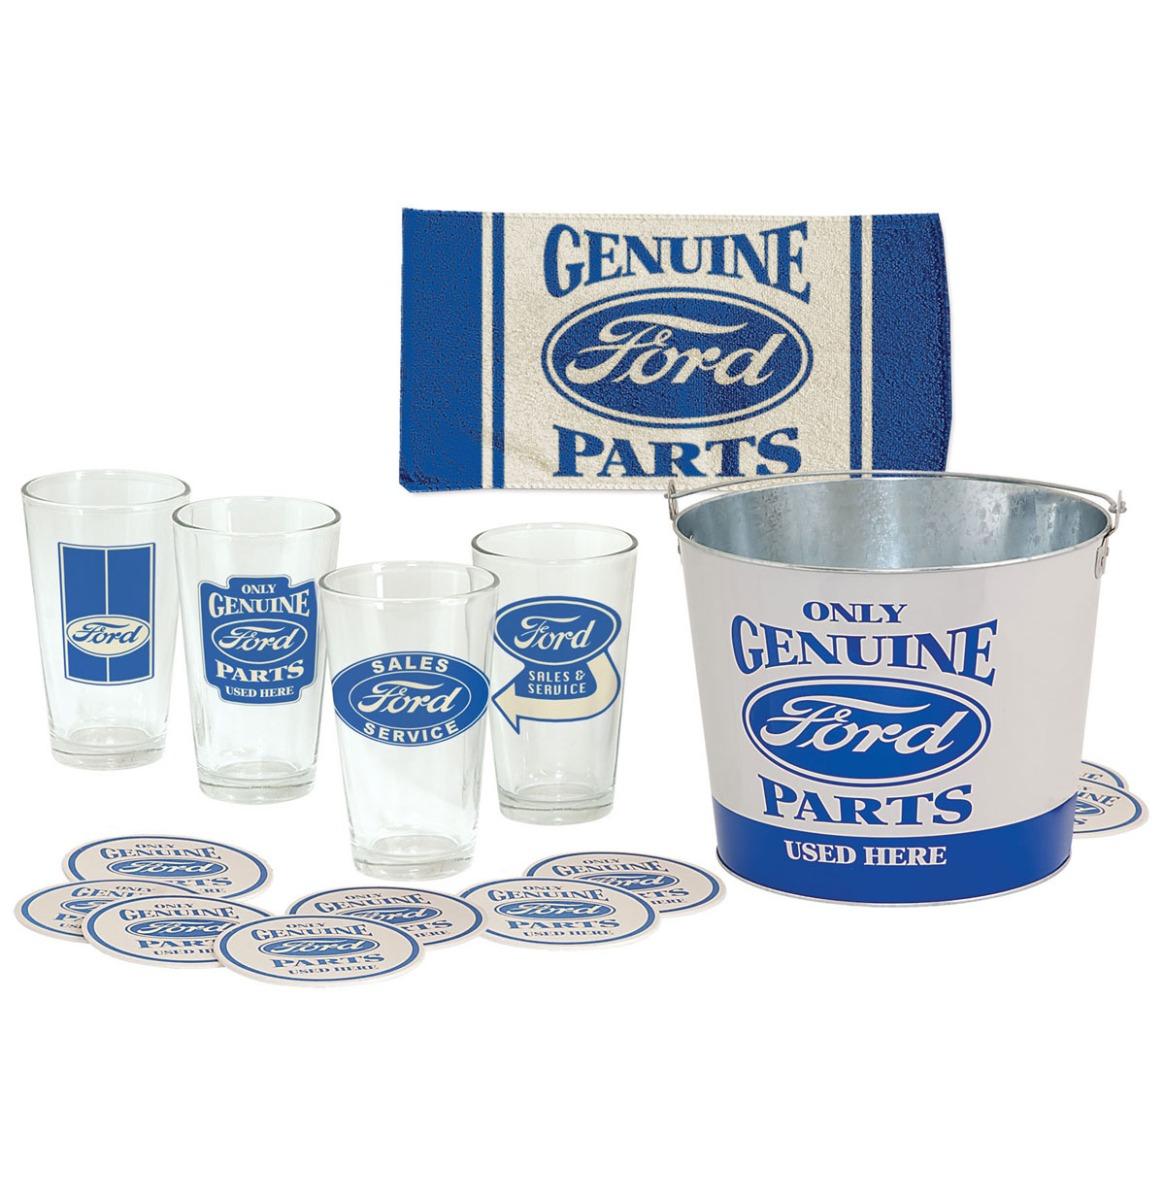 Ford Genuine Parts Bierglas Cadeau Set - 18 Delige Set